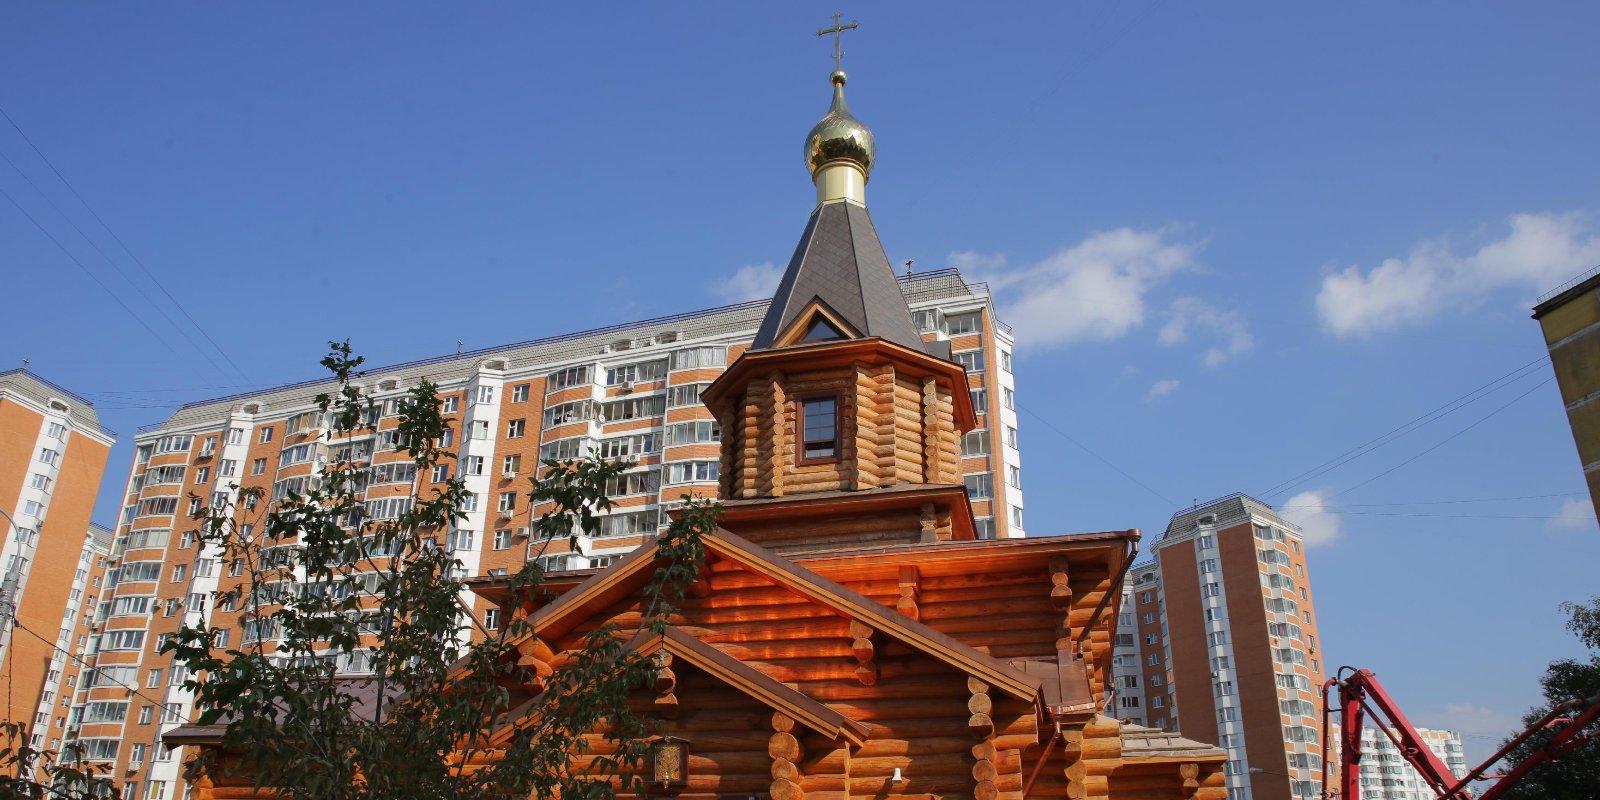 Храм на Клинской достроят в мае 2021 года. Фото:  mos.ru